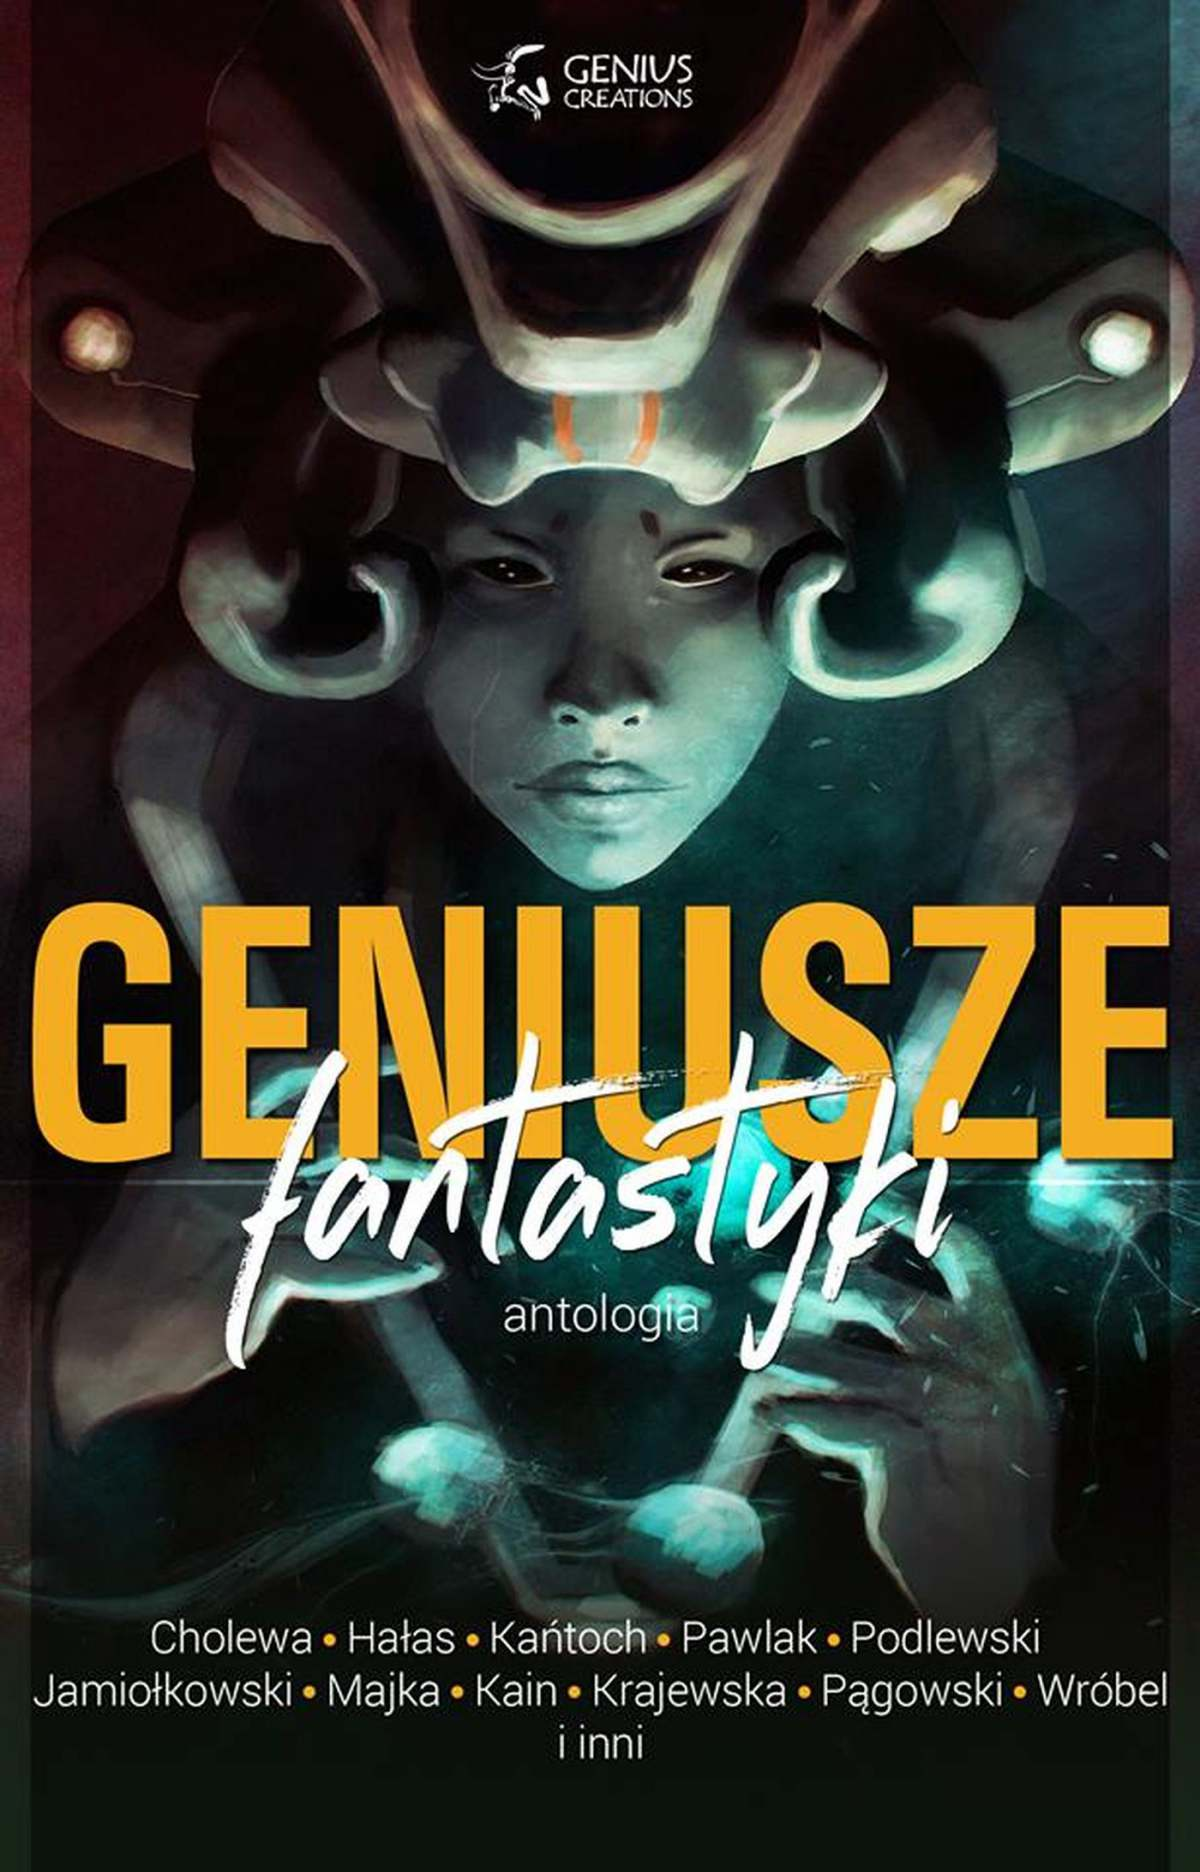 Geniusze fantastyki - Ebook (Książka EPUB) do pobrania w formacie EPUB